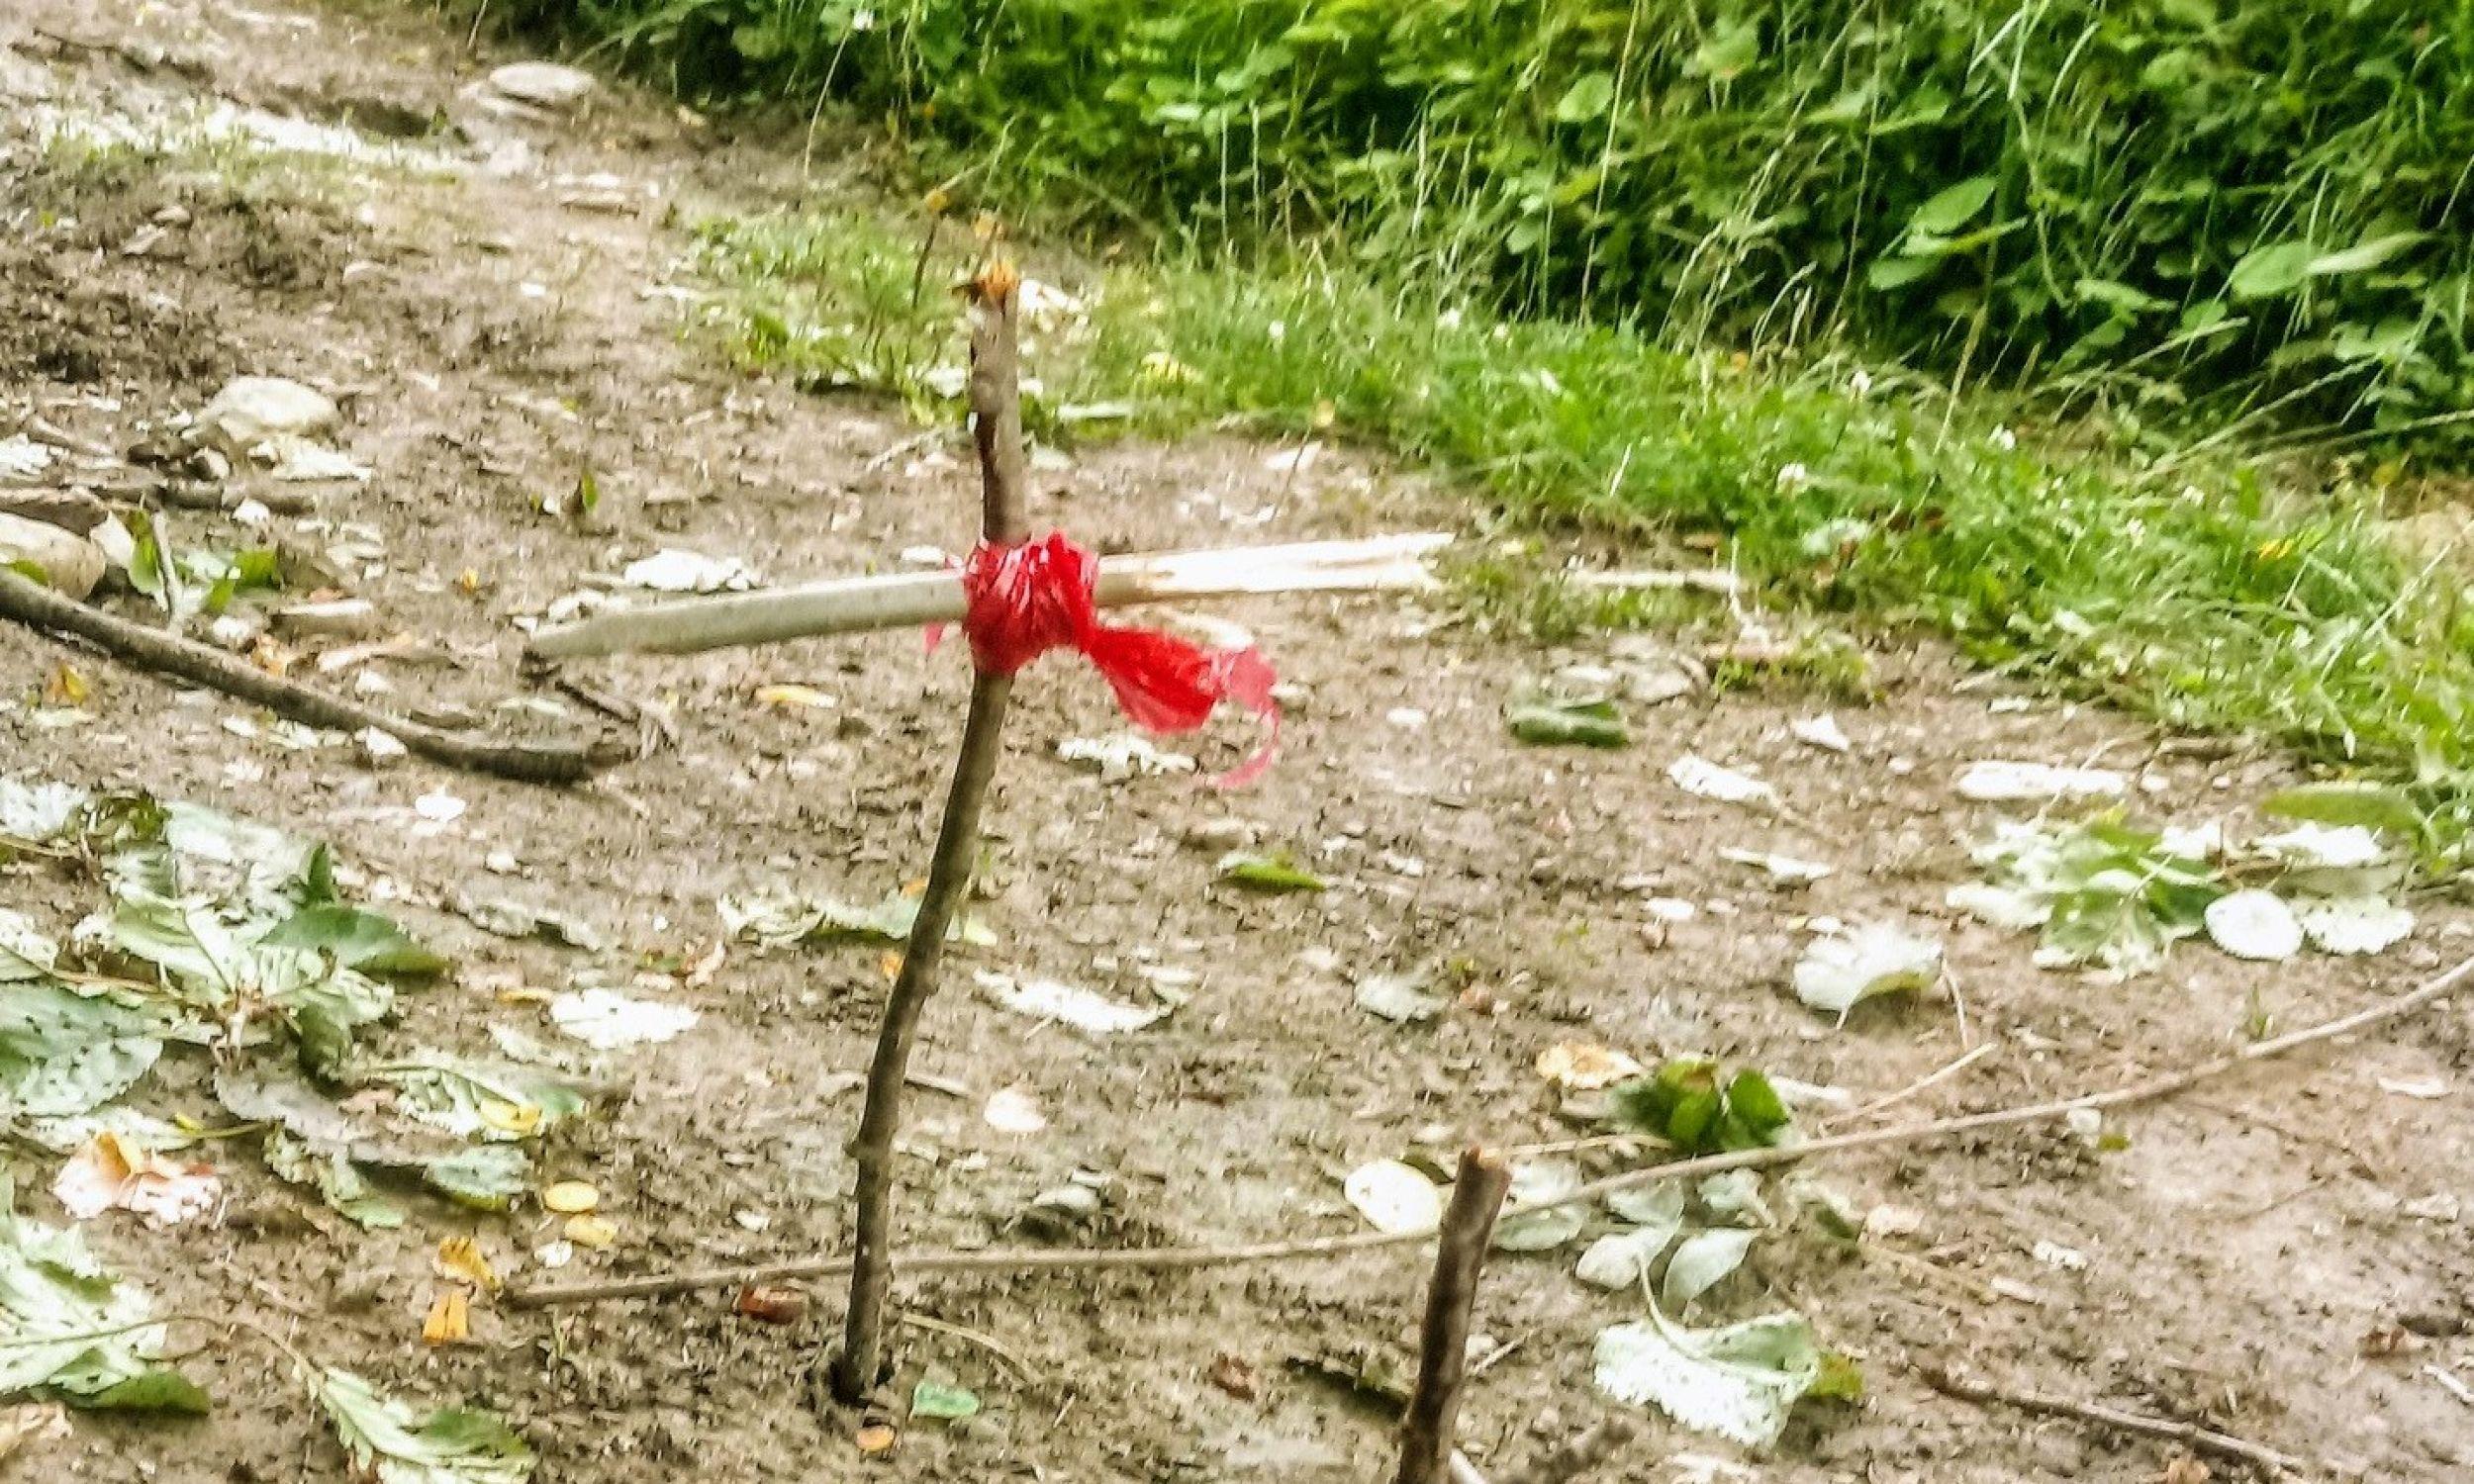 Daleko za wsią, na drodze prowadzącej w góry natknęłam się na krzyż zrobiony z patyków,  z przywiązaną do niego czerwoną wstążką. Obok był ołtarz, też z patyków, wyścielony liśćmi, na których leżała zdechła lub zabita żaba. To był prawdopodobnie magiczny rytuał pochowania wiedźmy. W Karpatach wierzy się, że pewne kobiety są wiedźmami, które zamieniają się w żabę, aby podchodzić do obory i  odbierać krowom mleko. Mówi się na nie bosorki – opowiada Olga Solarz. Fot. Olga Solarz